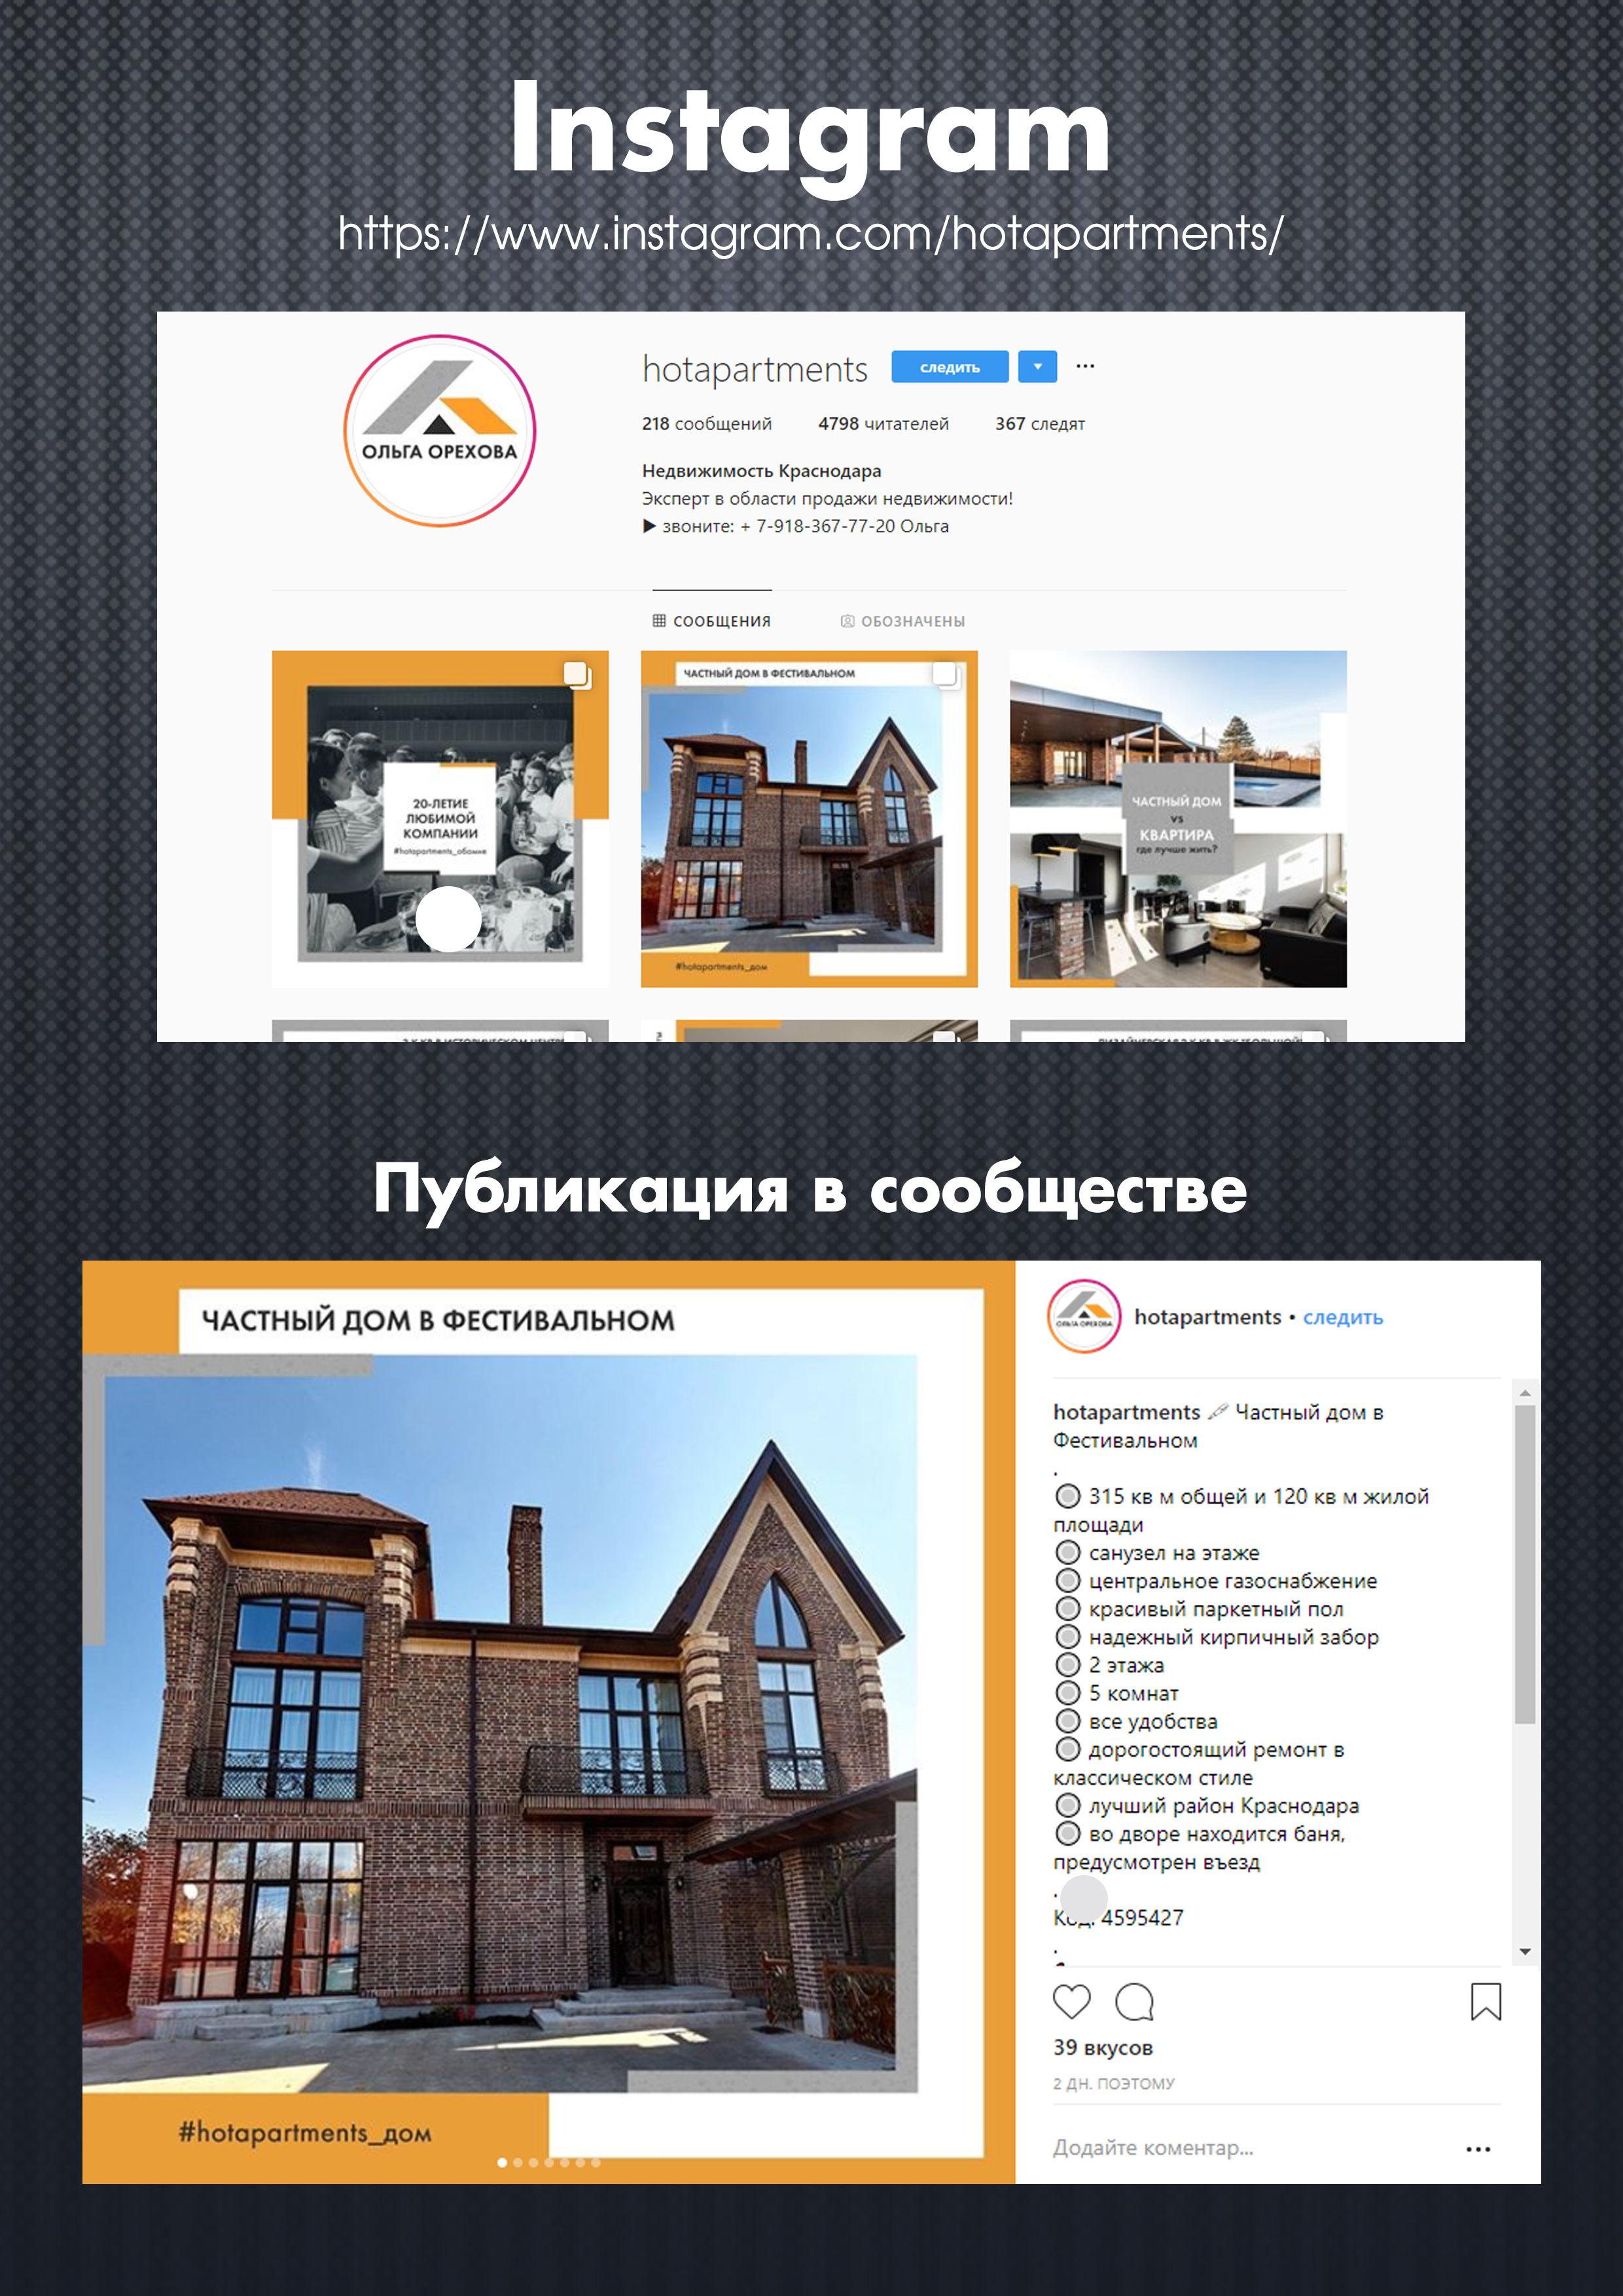 Продажа недвижимости, риелтор в Краснодаре / Instagram